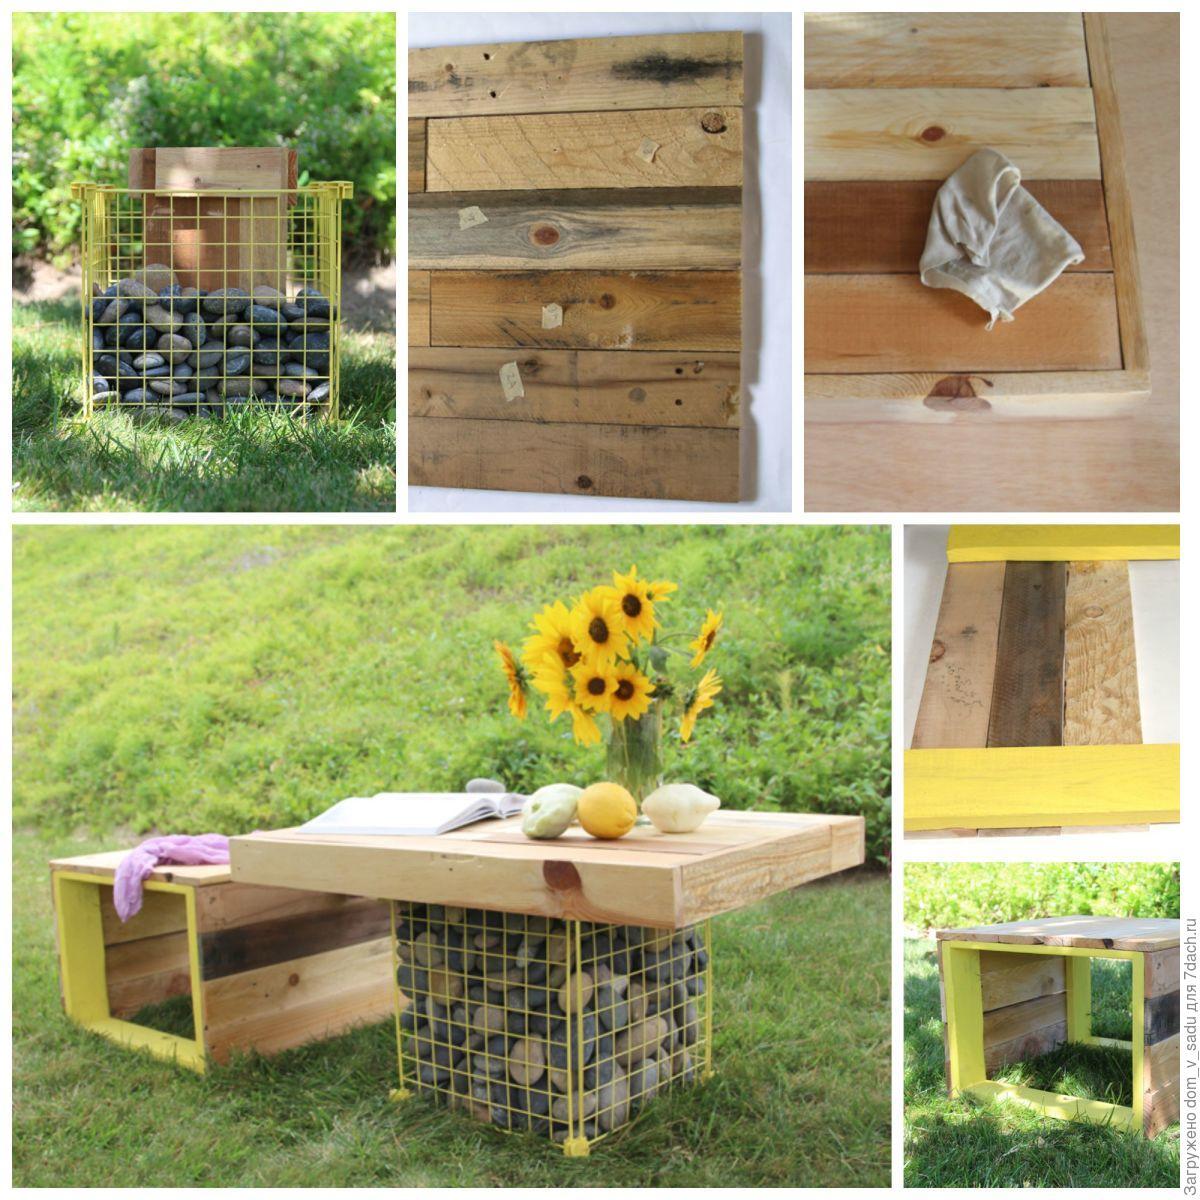 12 невероятных вещей для дома и сада своими руками: фотоинструкции вдохновляемся,для дома и дачи,мебель